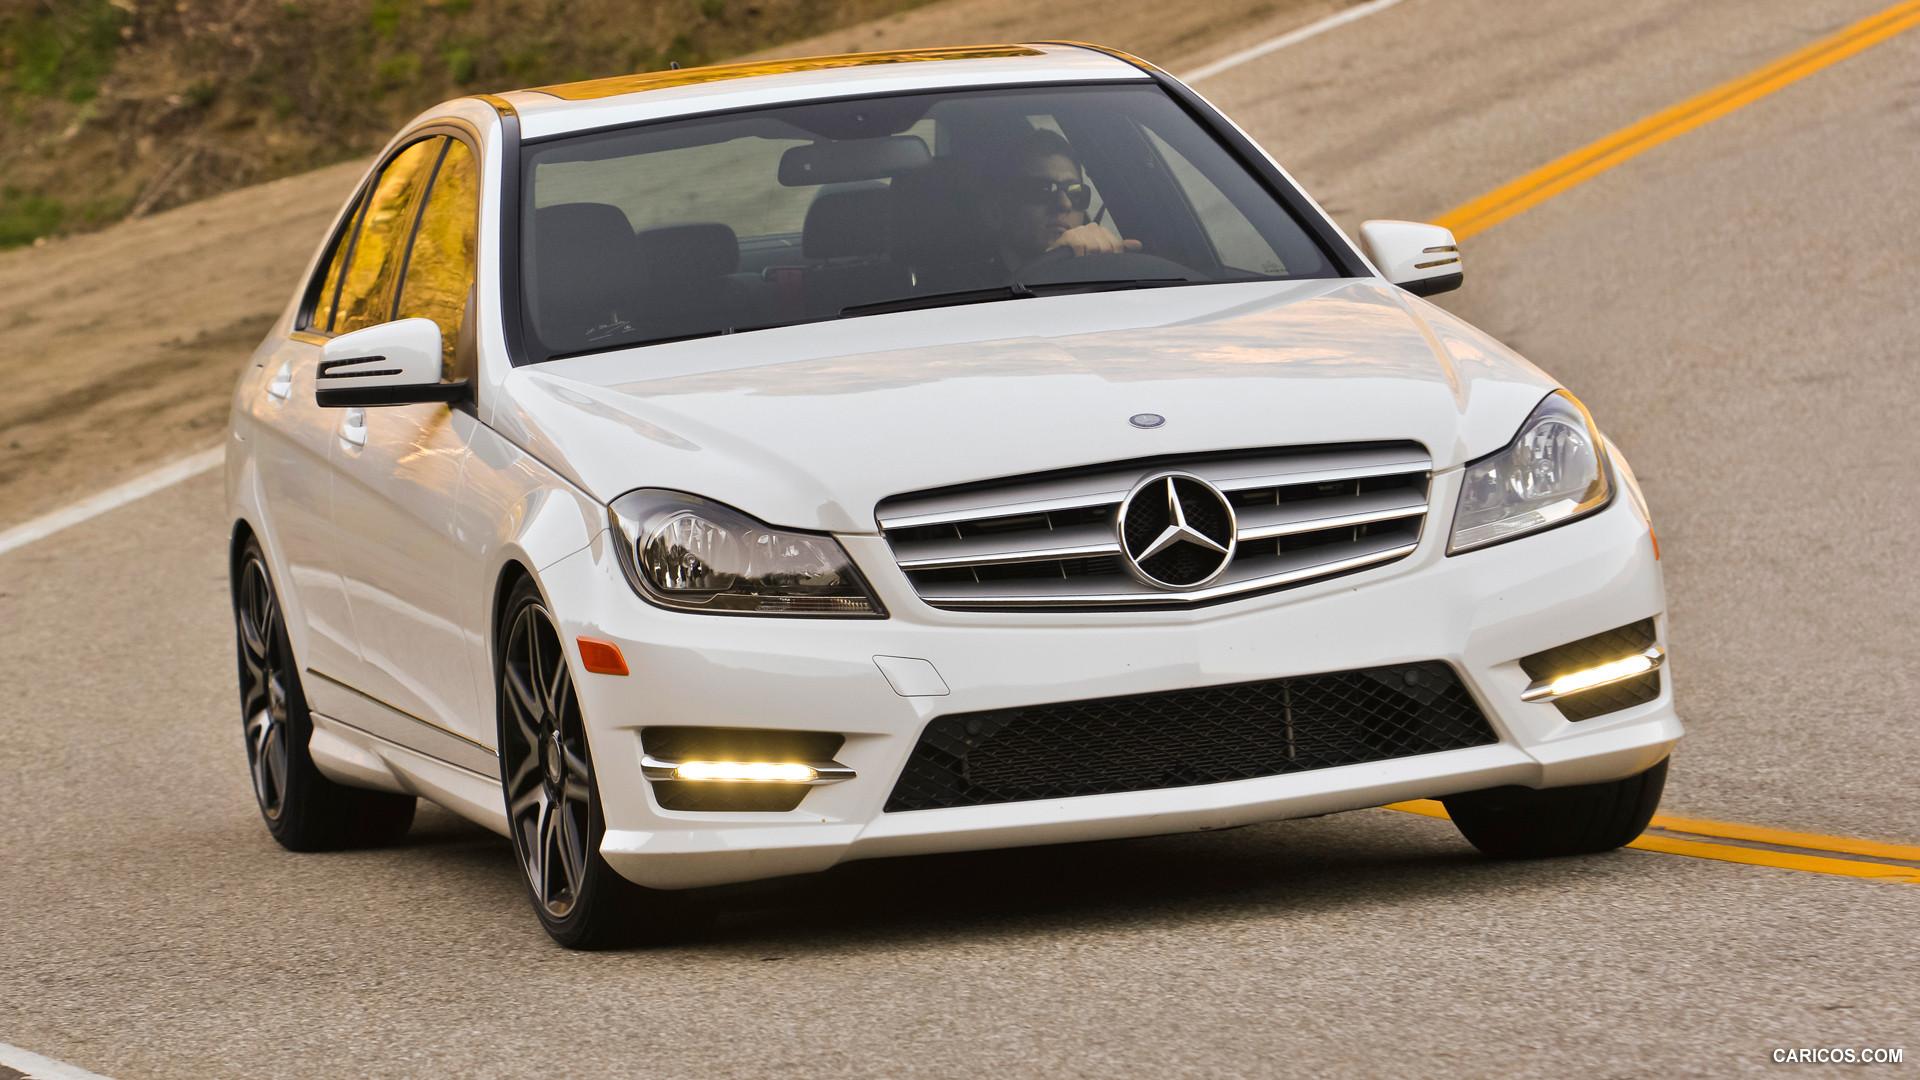 Mercedes benz clase c sed n 2013 para m xico tiene estos for Mercedes benz precios